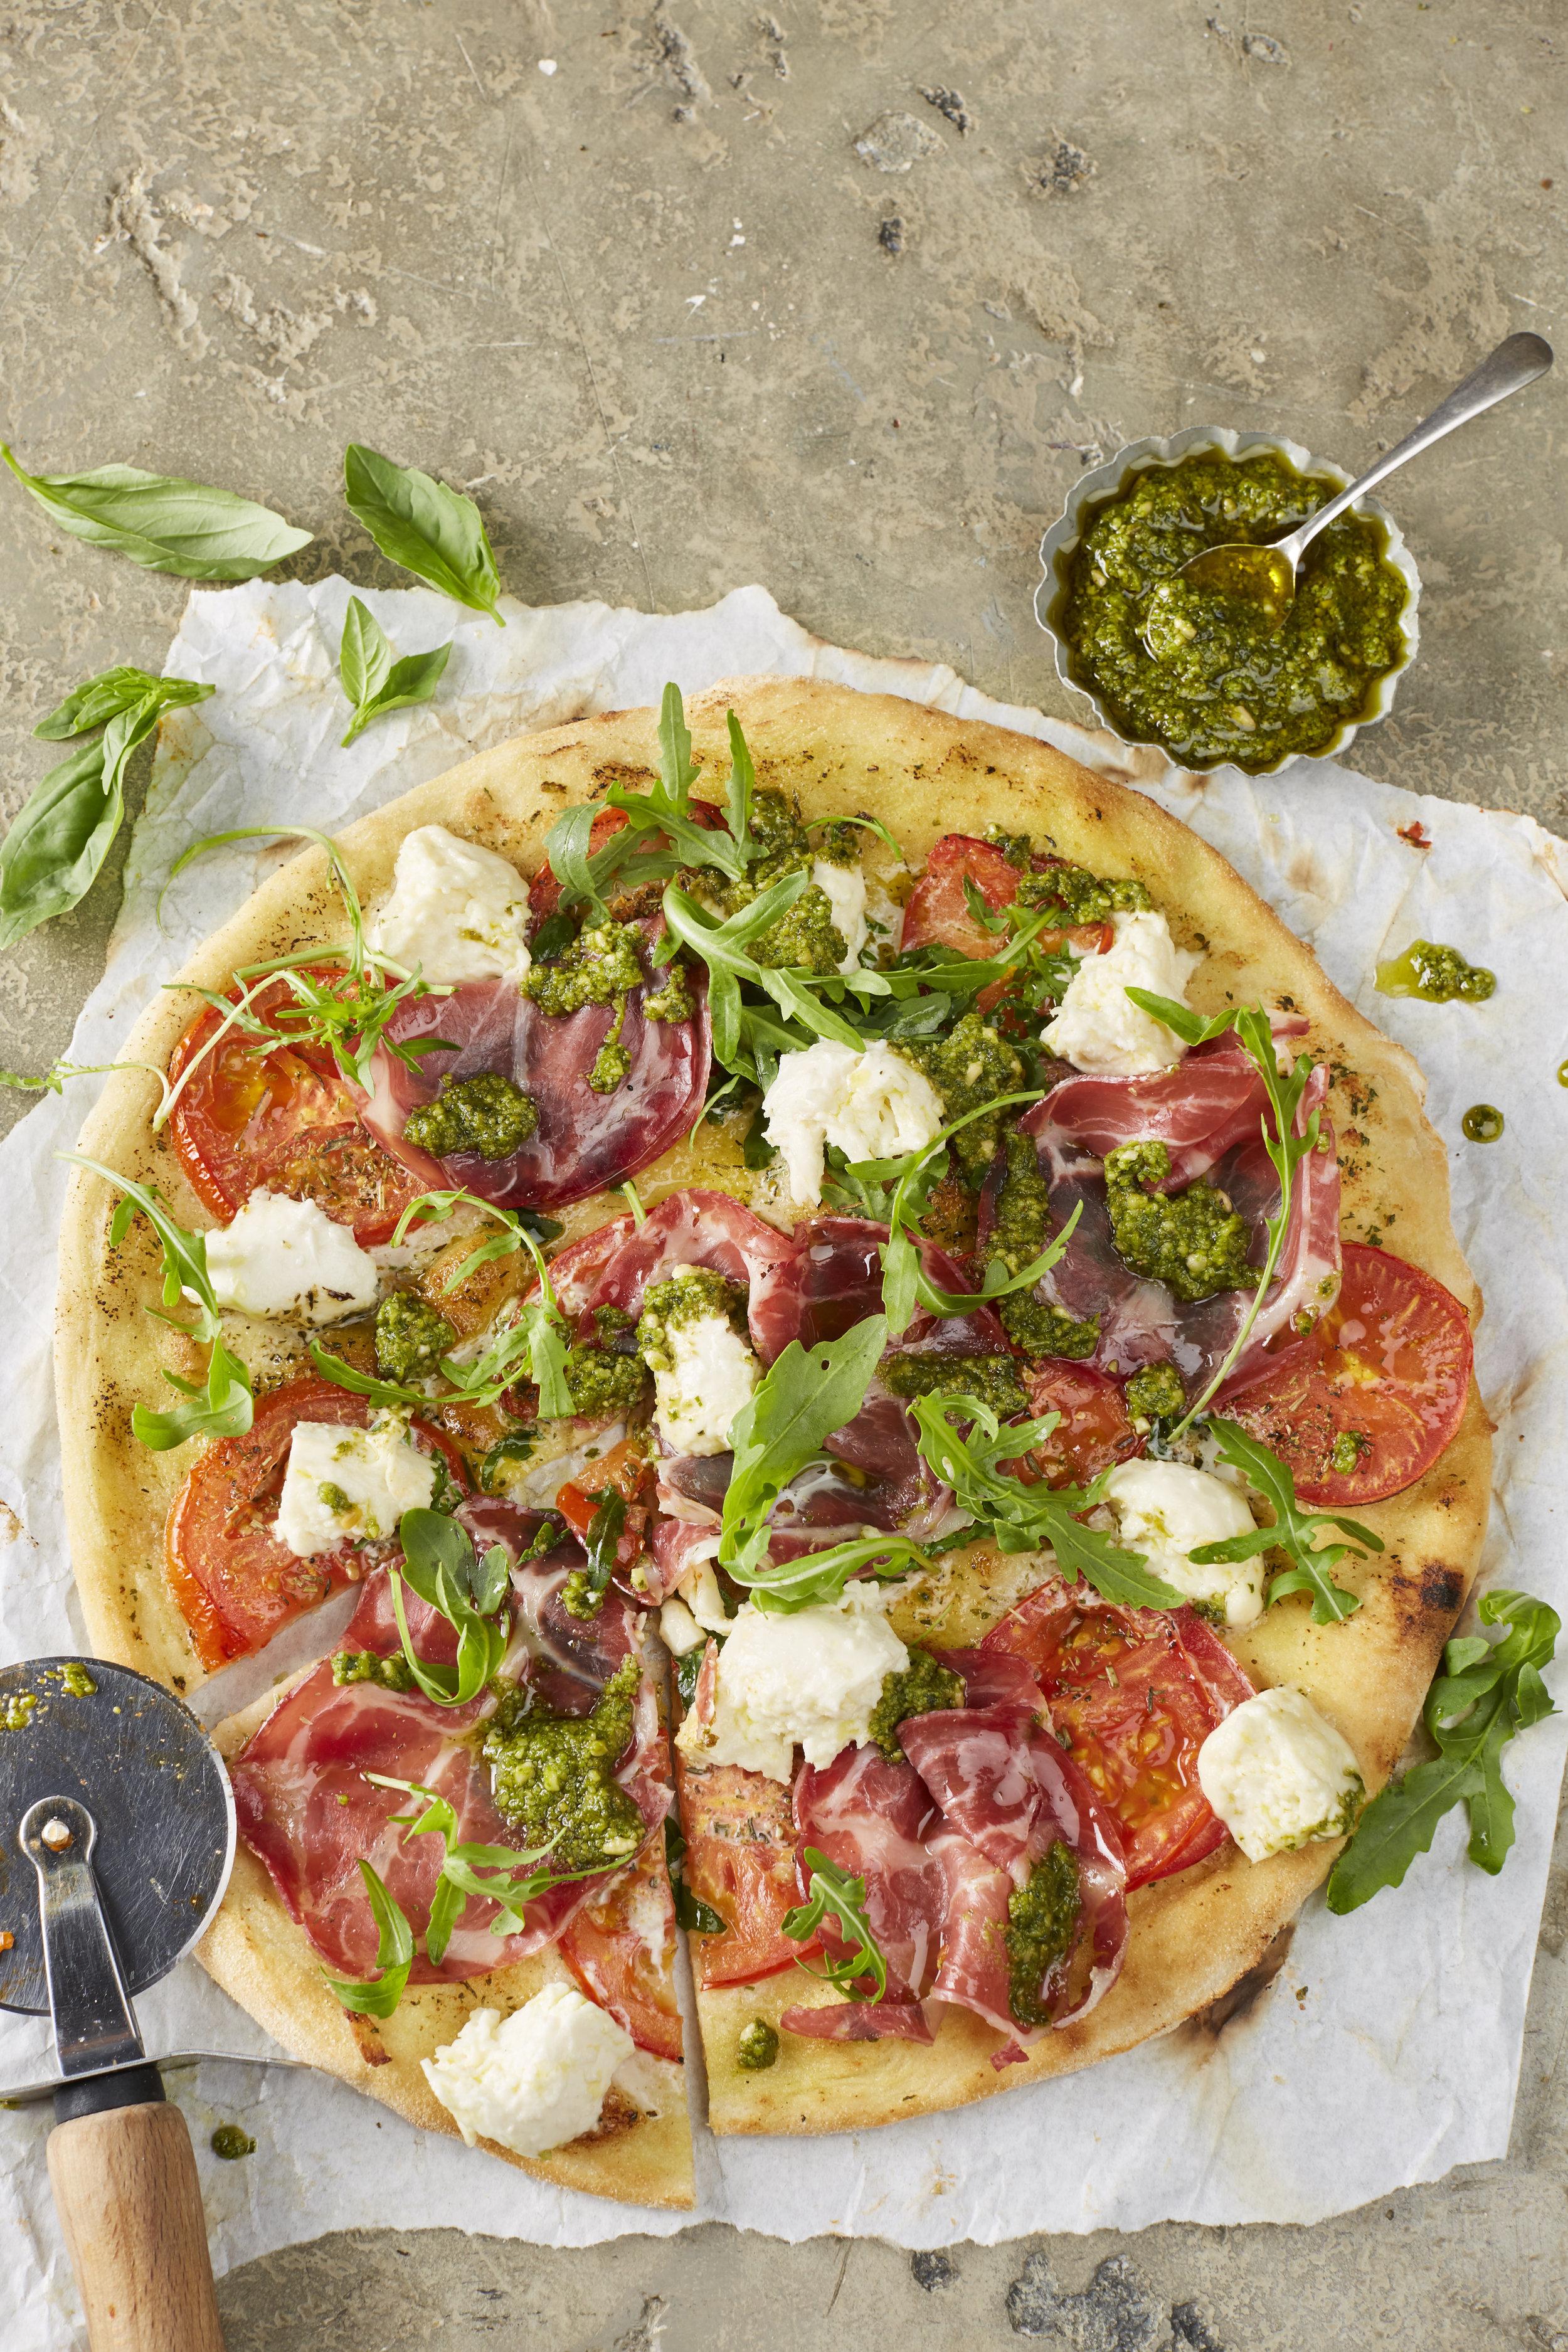 20170725-pizza-rossa333-hrj.jpg